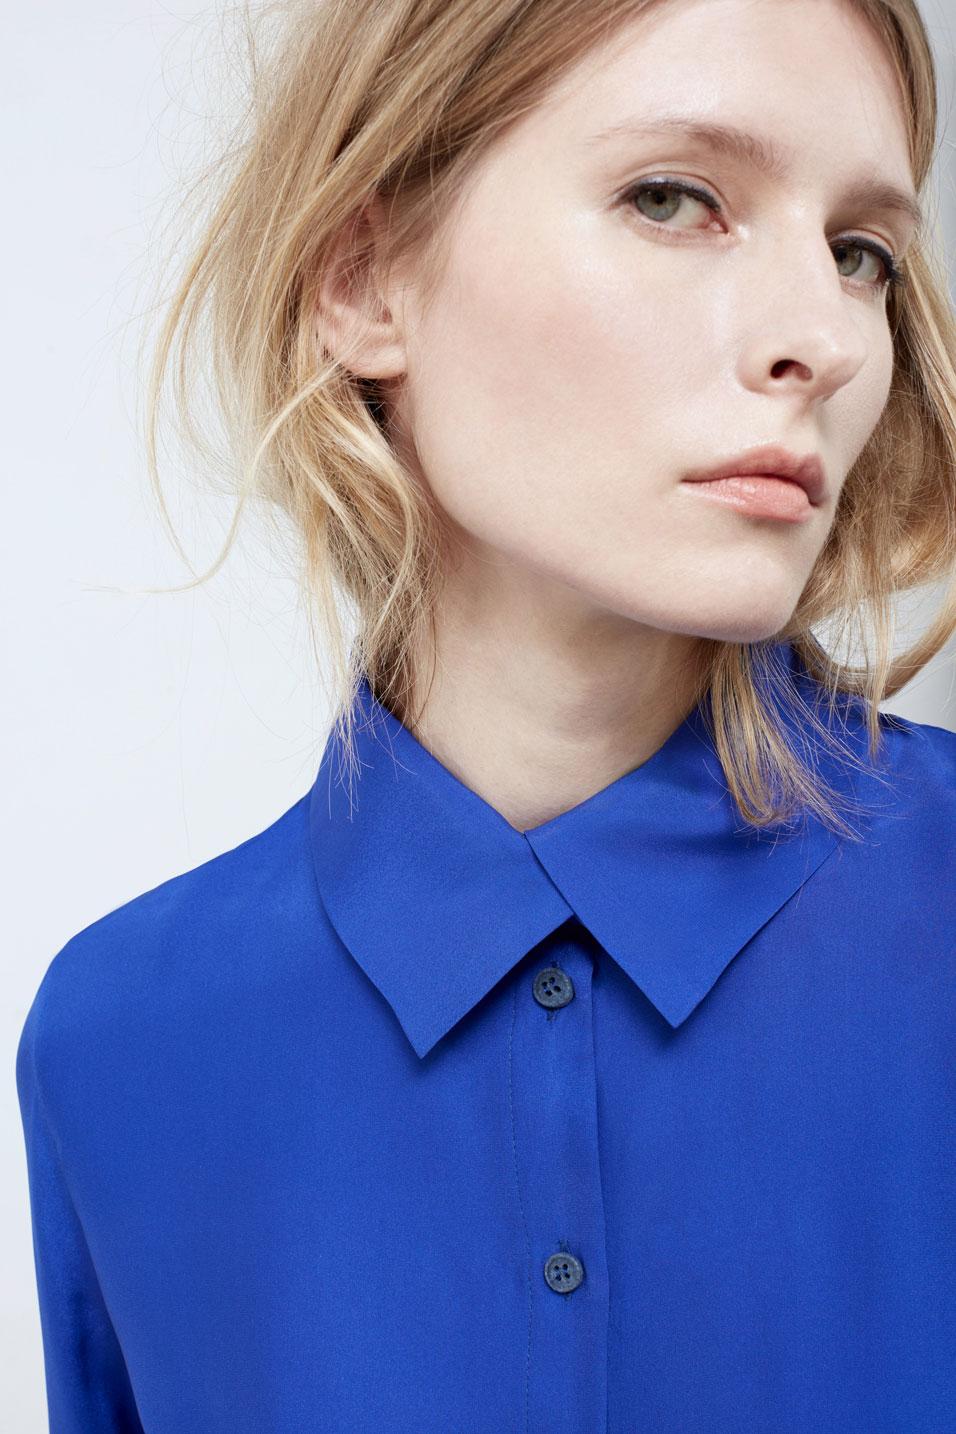 Bav-Tailor-camicia-blu-collo